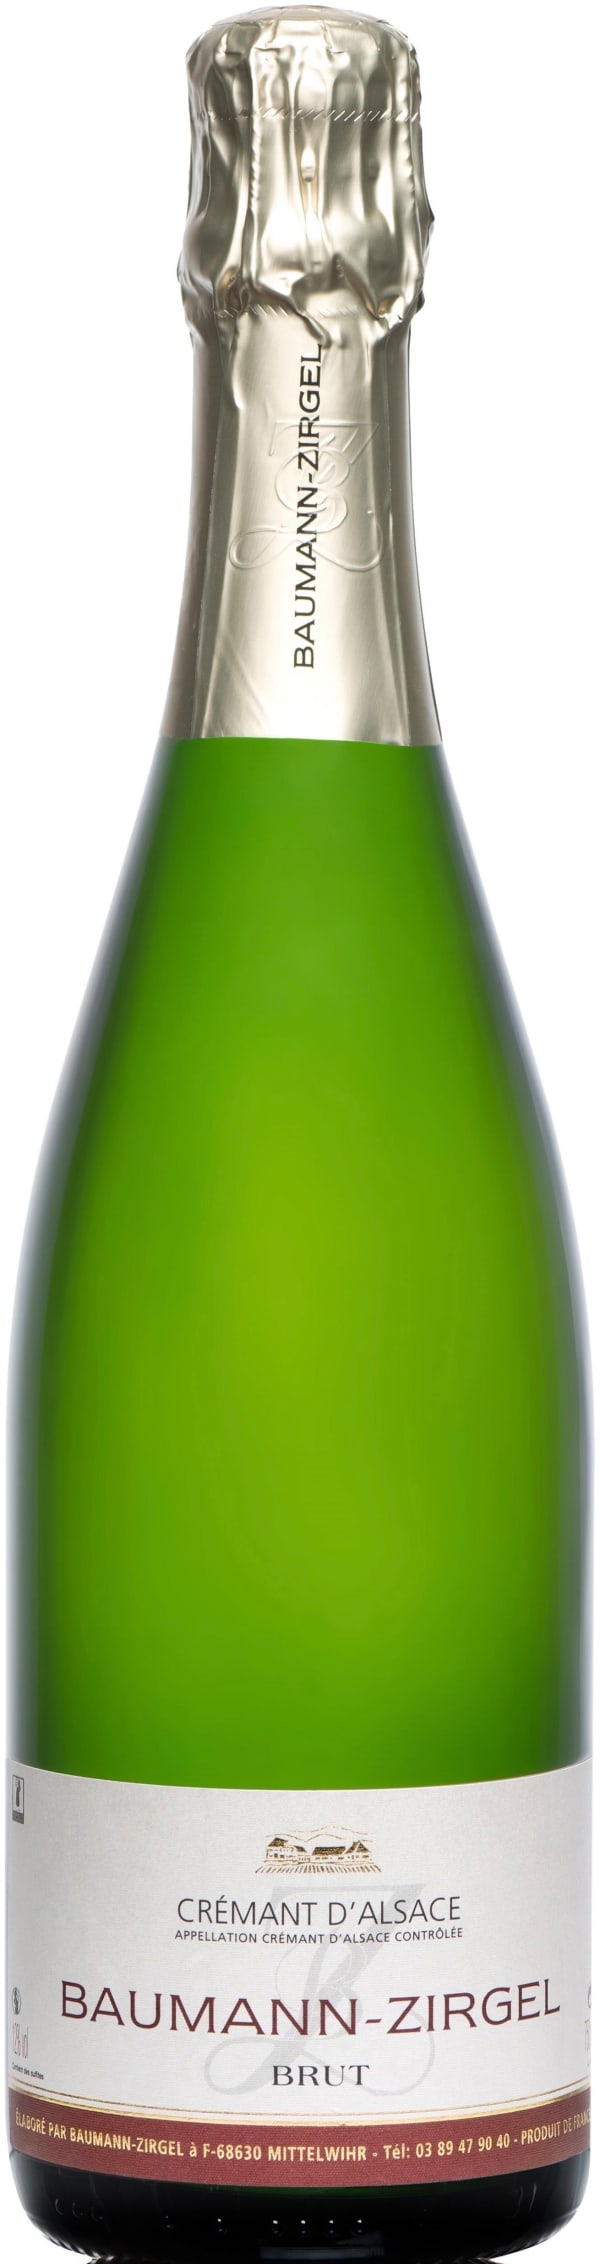 Baumann-Zirgel Crémant d´Alsace Brut